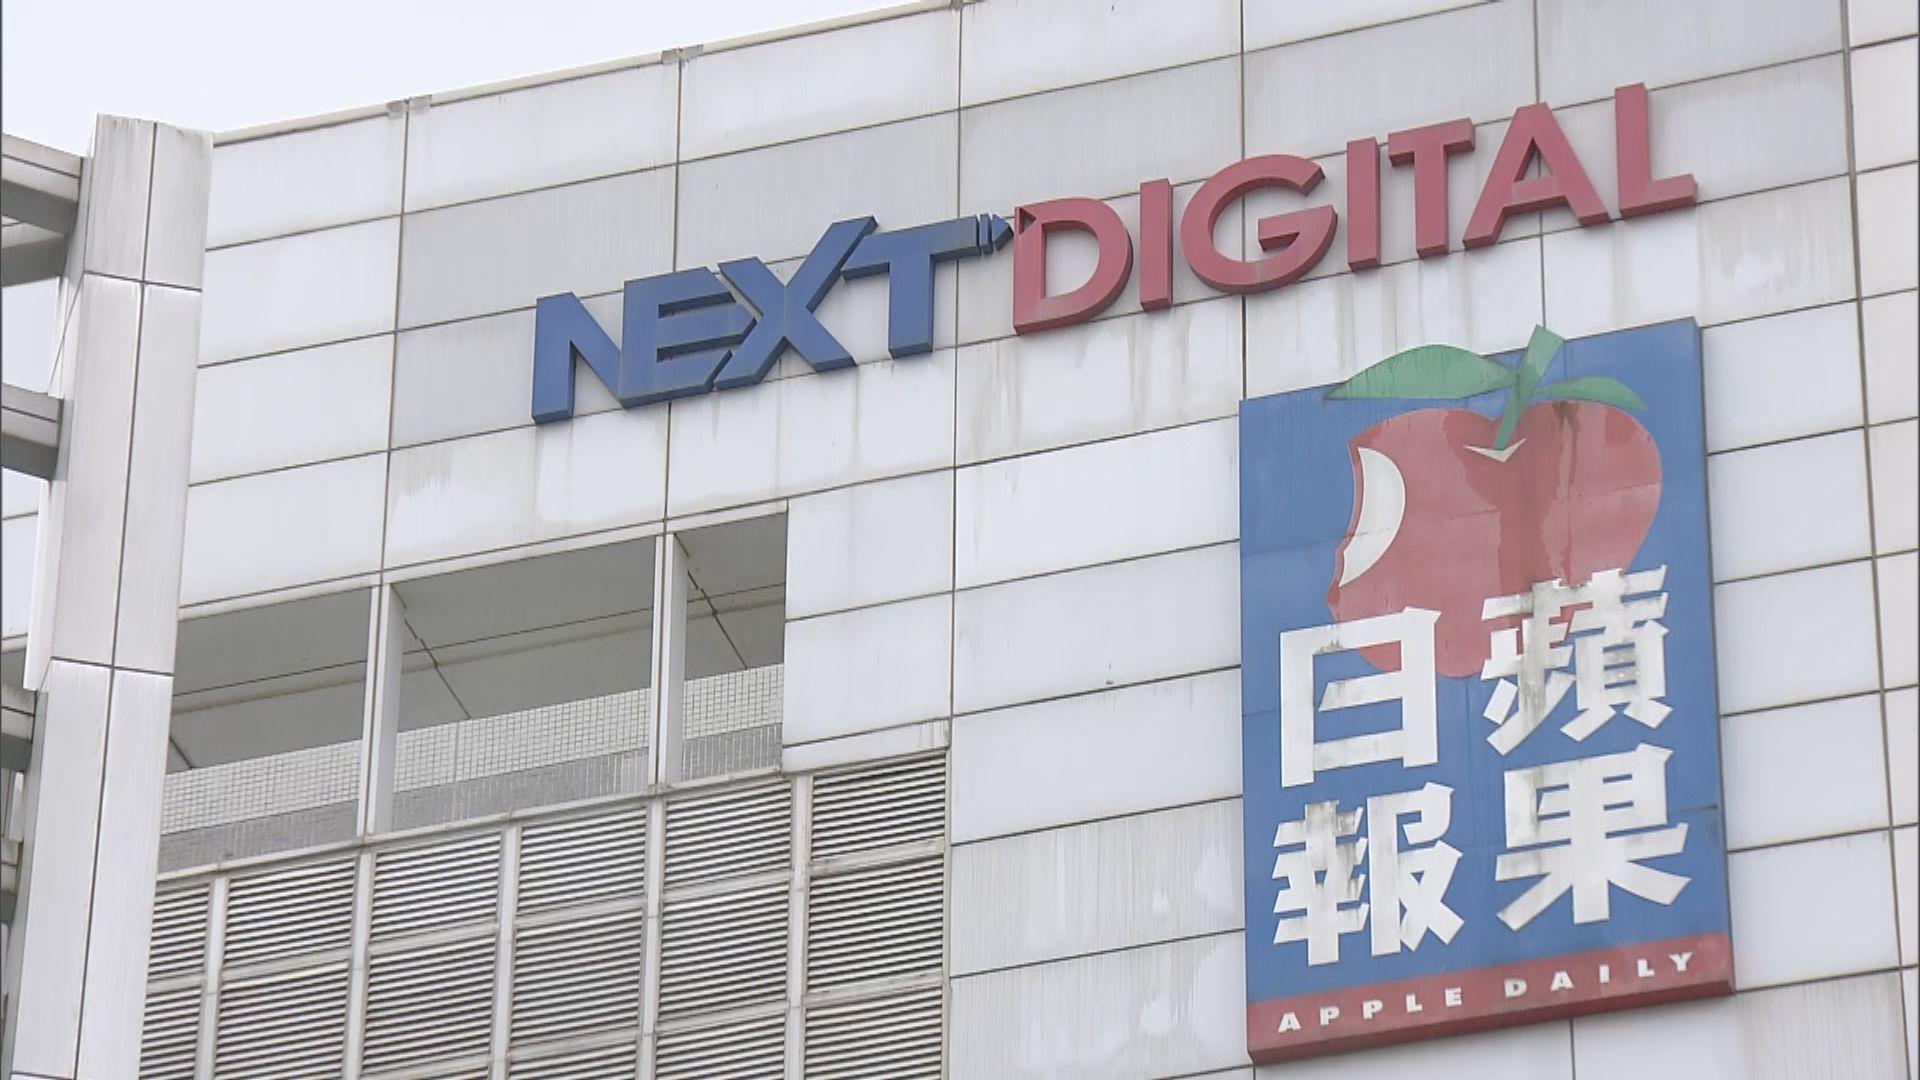 林鄭:對壹傳媒行動是針對危害國家安全行為 非打擊新聞自由